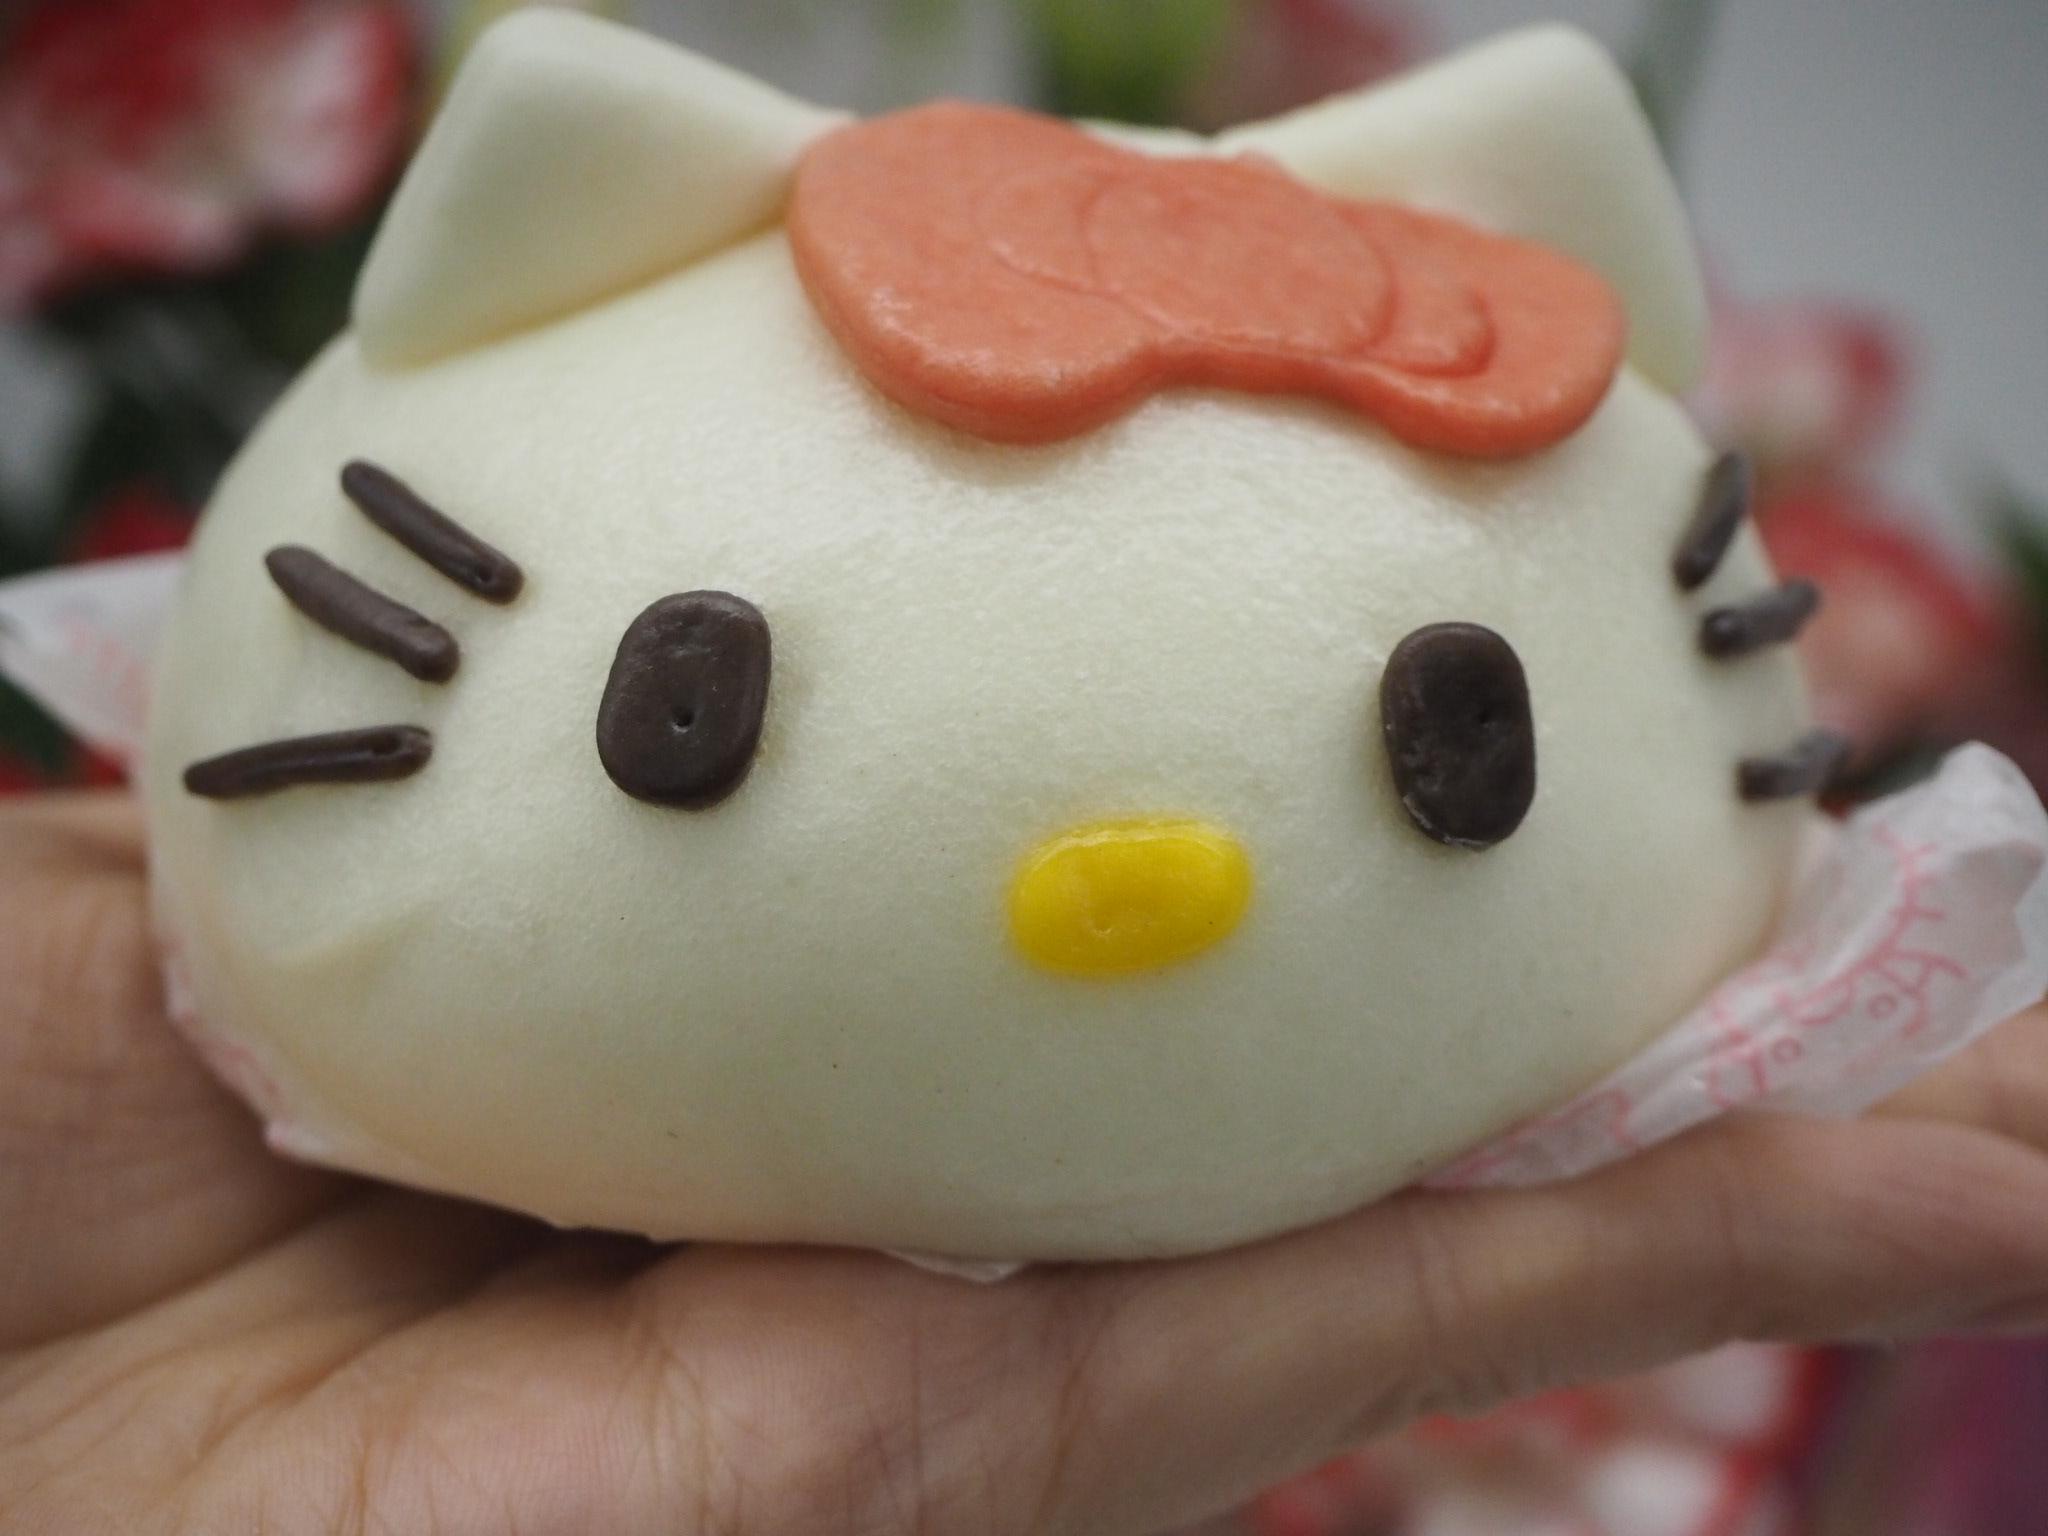 【ローソン】2/19発売!ハローキティまん実食レポ☆再現率高いよ!